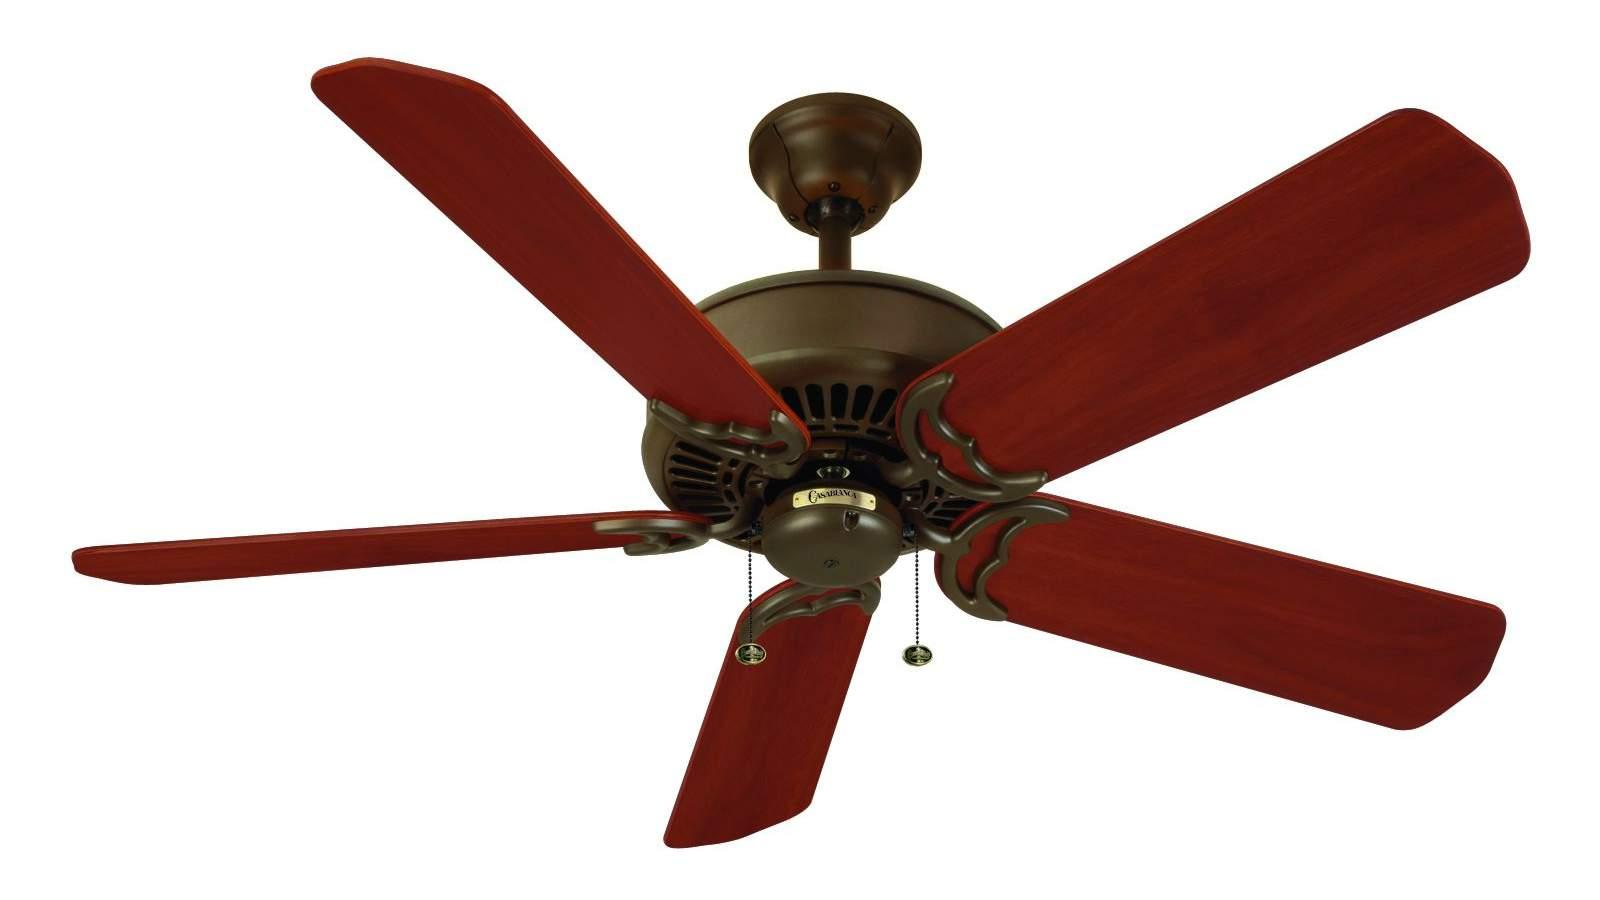 halo ceiling fan photo - 6